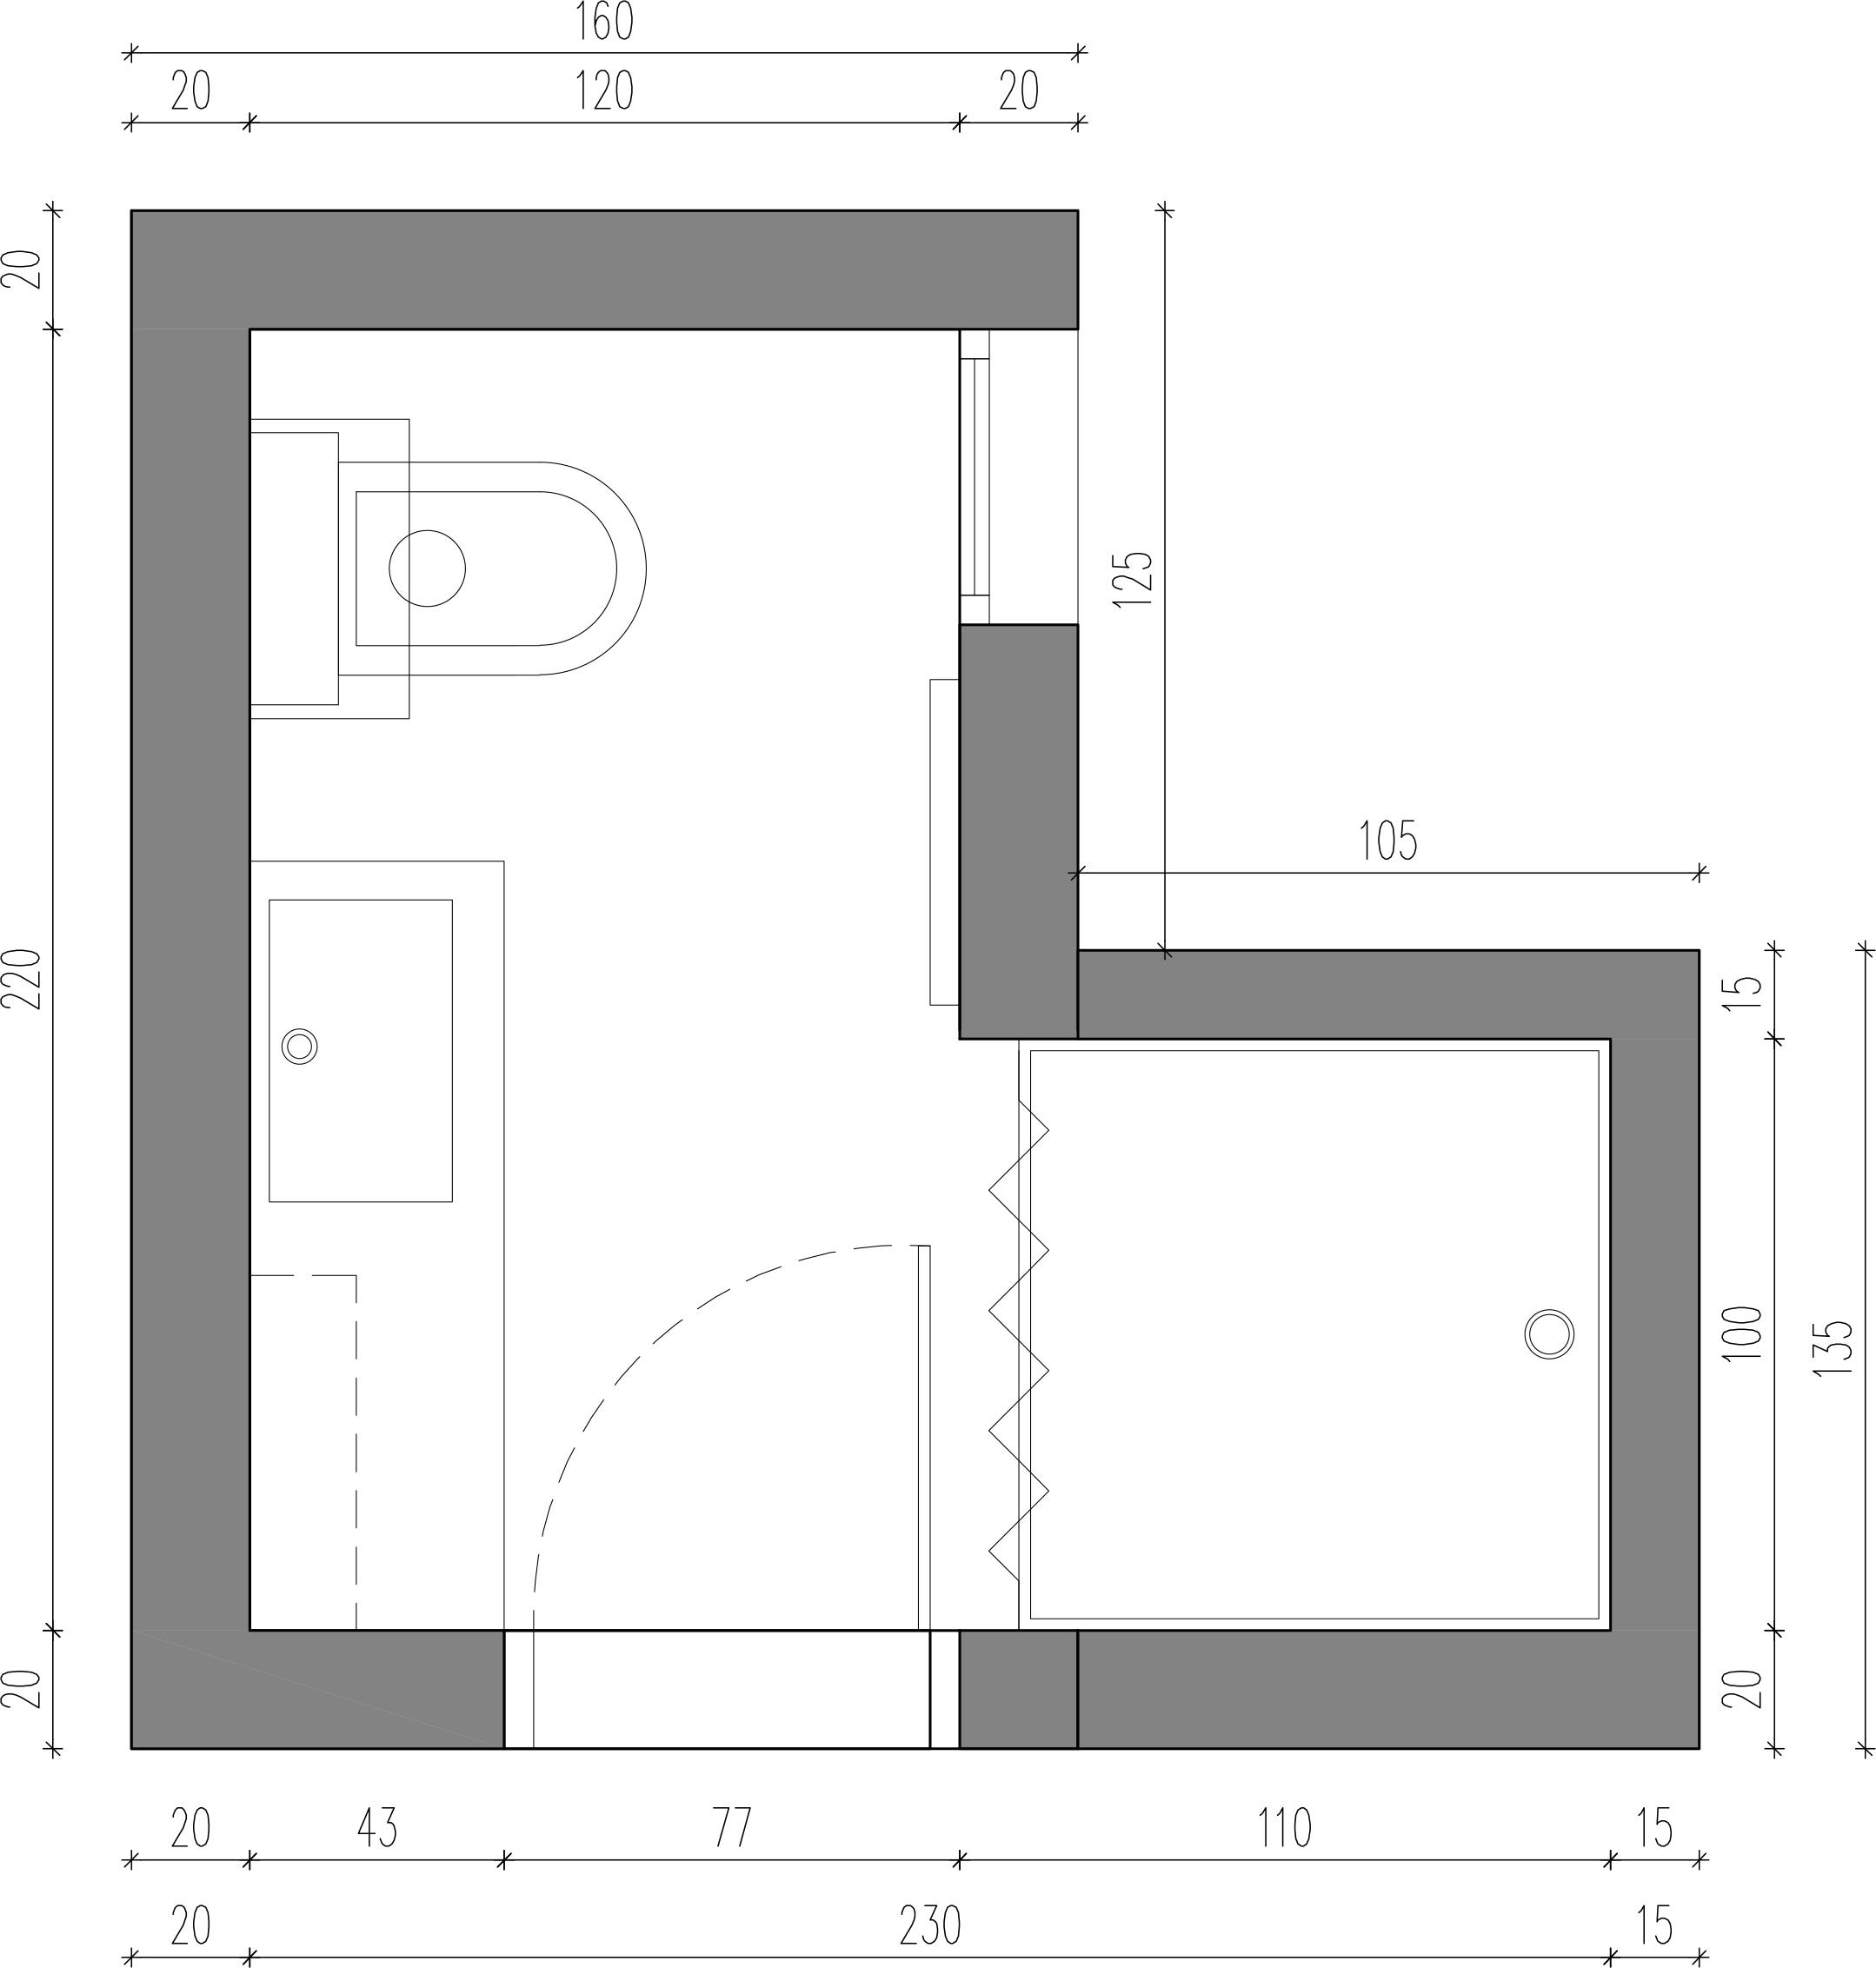 Kopalnica tloris, notranje oblikovanje - POKE studio